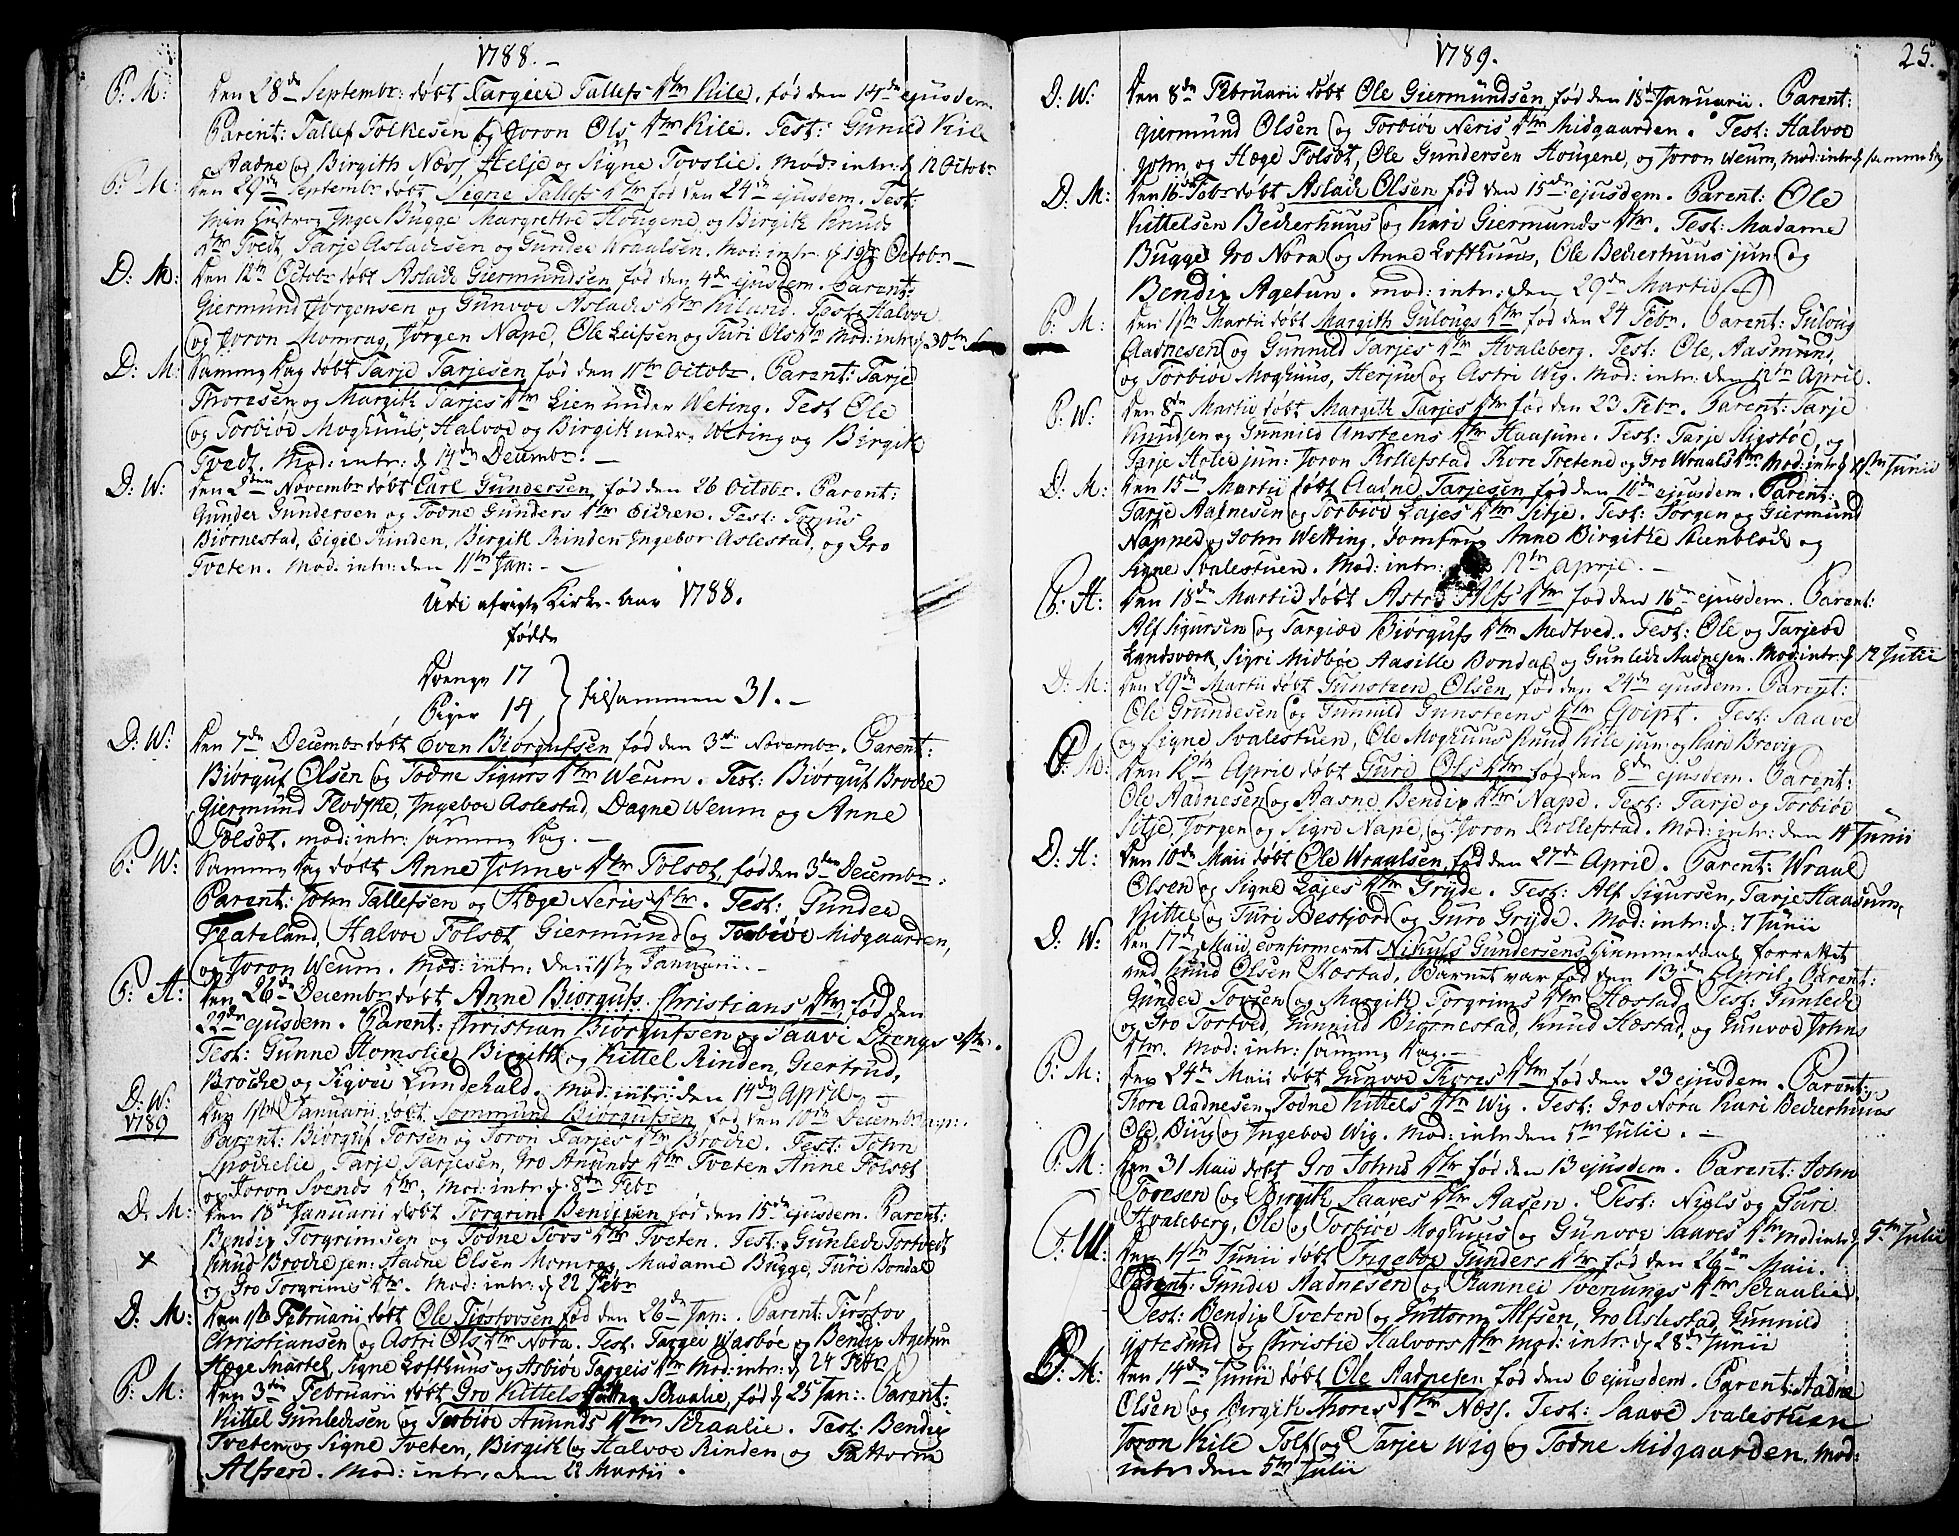 SAKO, Fyresdal kirkebøker, F/Fa/L0002: Ministerialbok nr. I 2, 1769-1814, s. 25